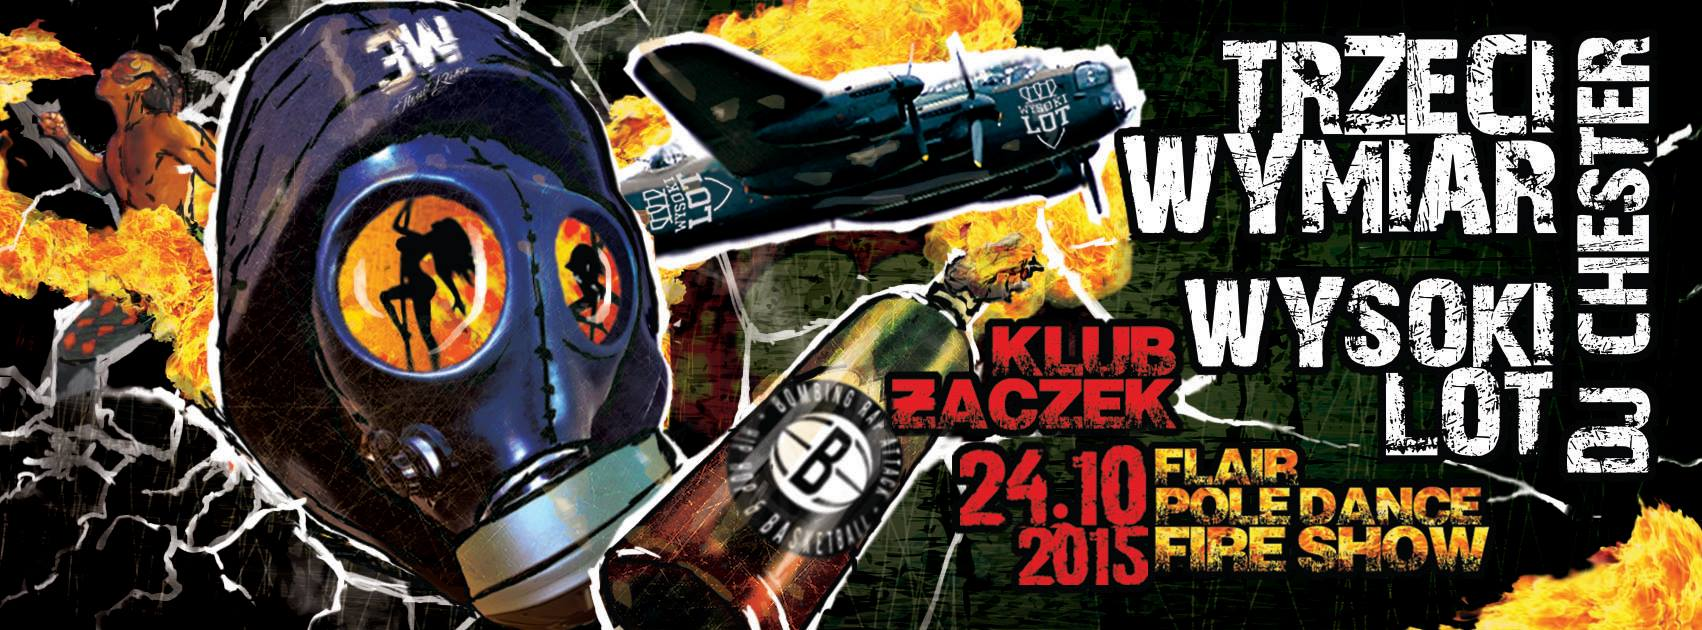 Trzeci Wymiar (OSŚ) & Wysokilot x Fidser + Pole Dance, Fireshow & Flair w Krakowie